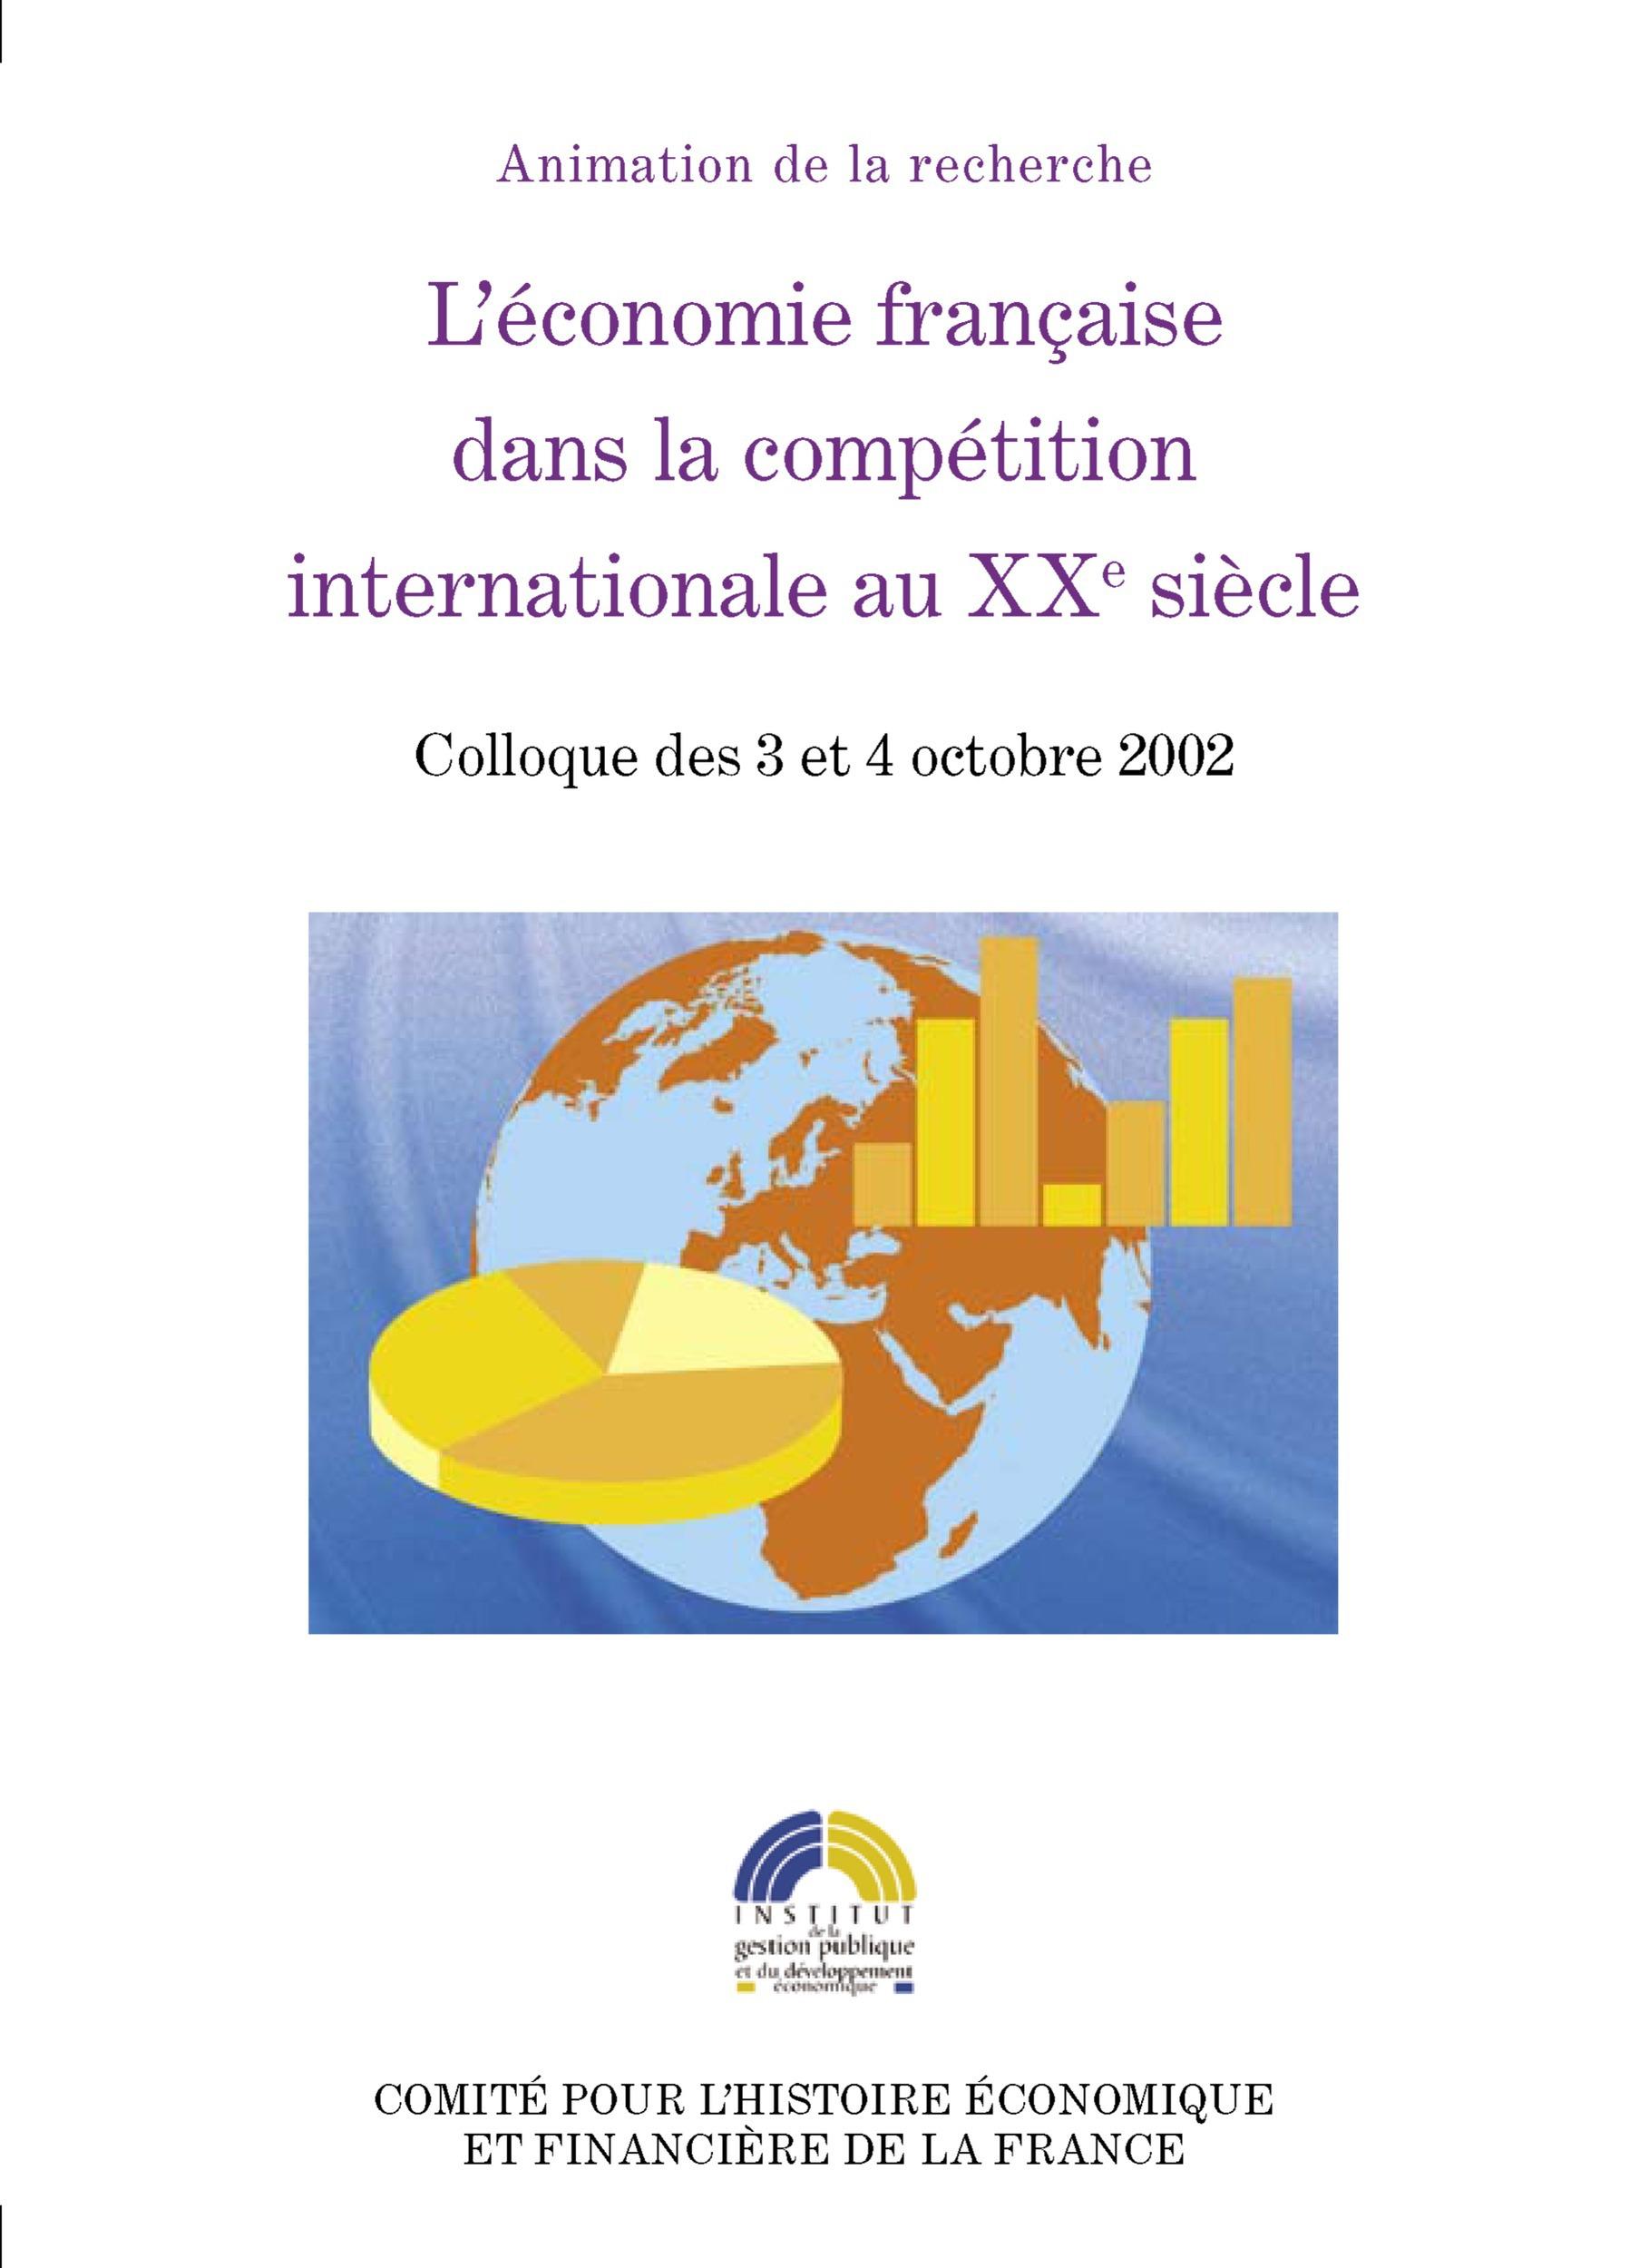 L'économie française dans la compétition internationale au XXe siècle ; colloque des 3 et 4 octobre 2002